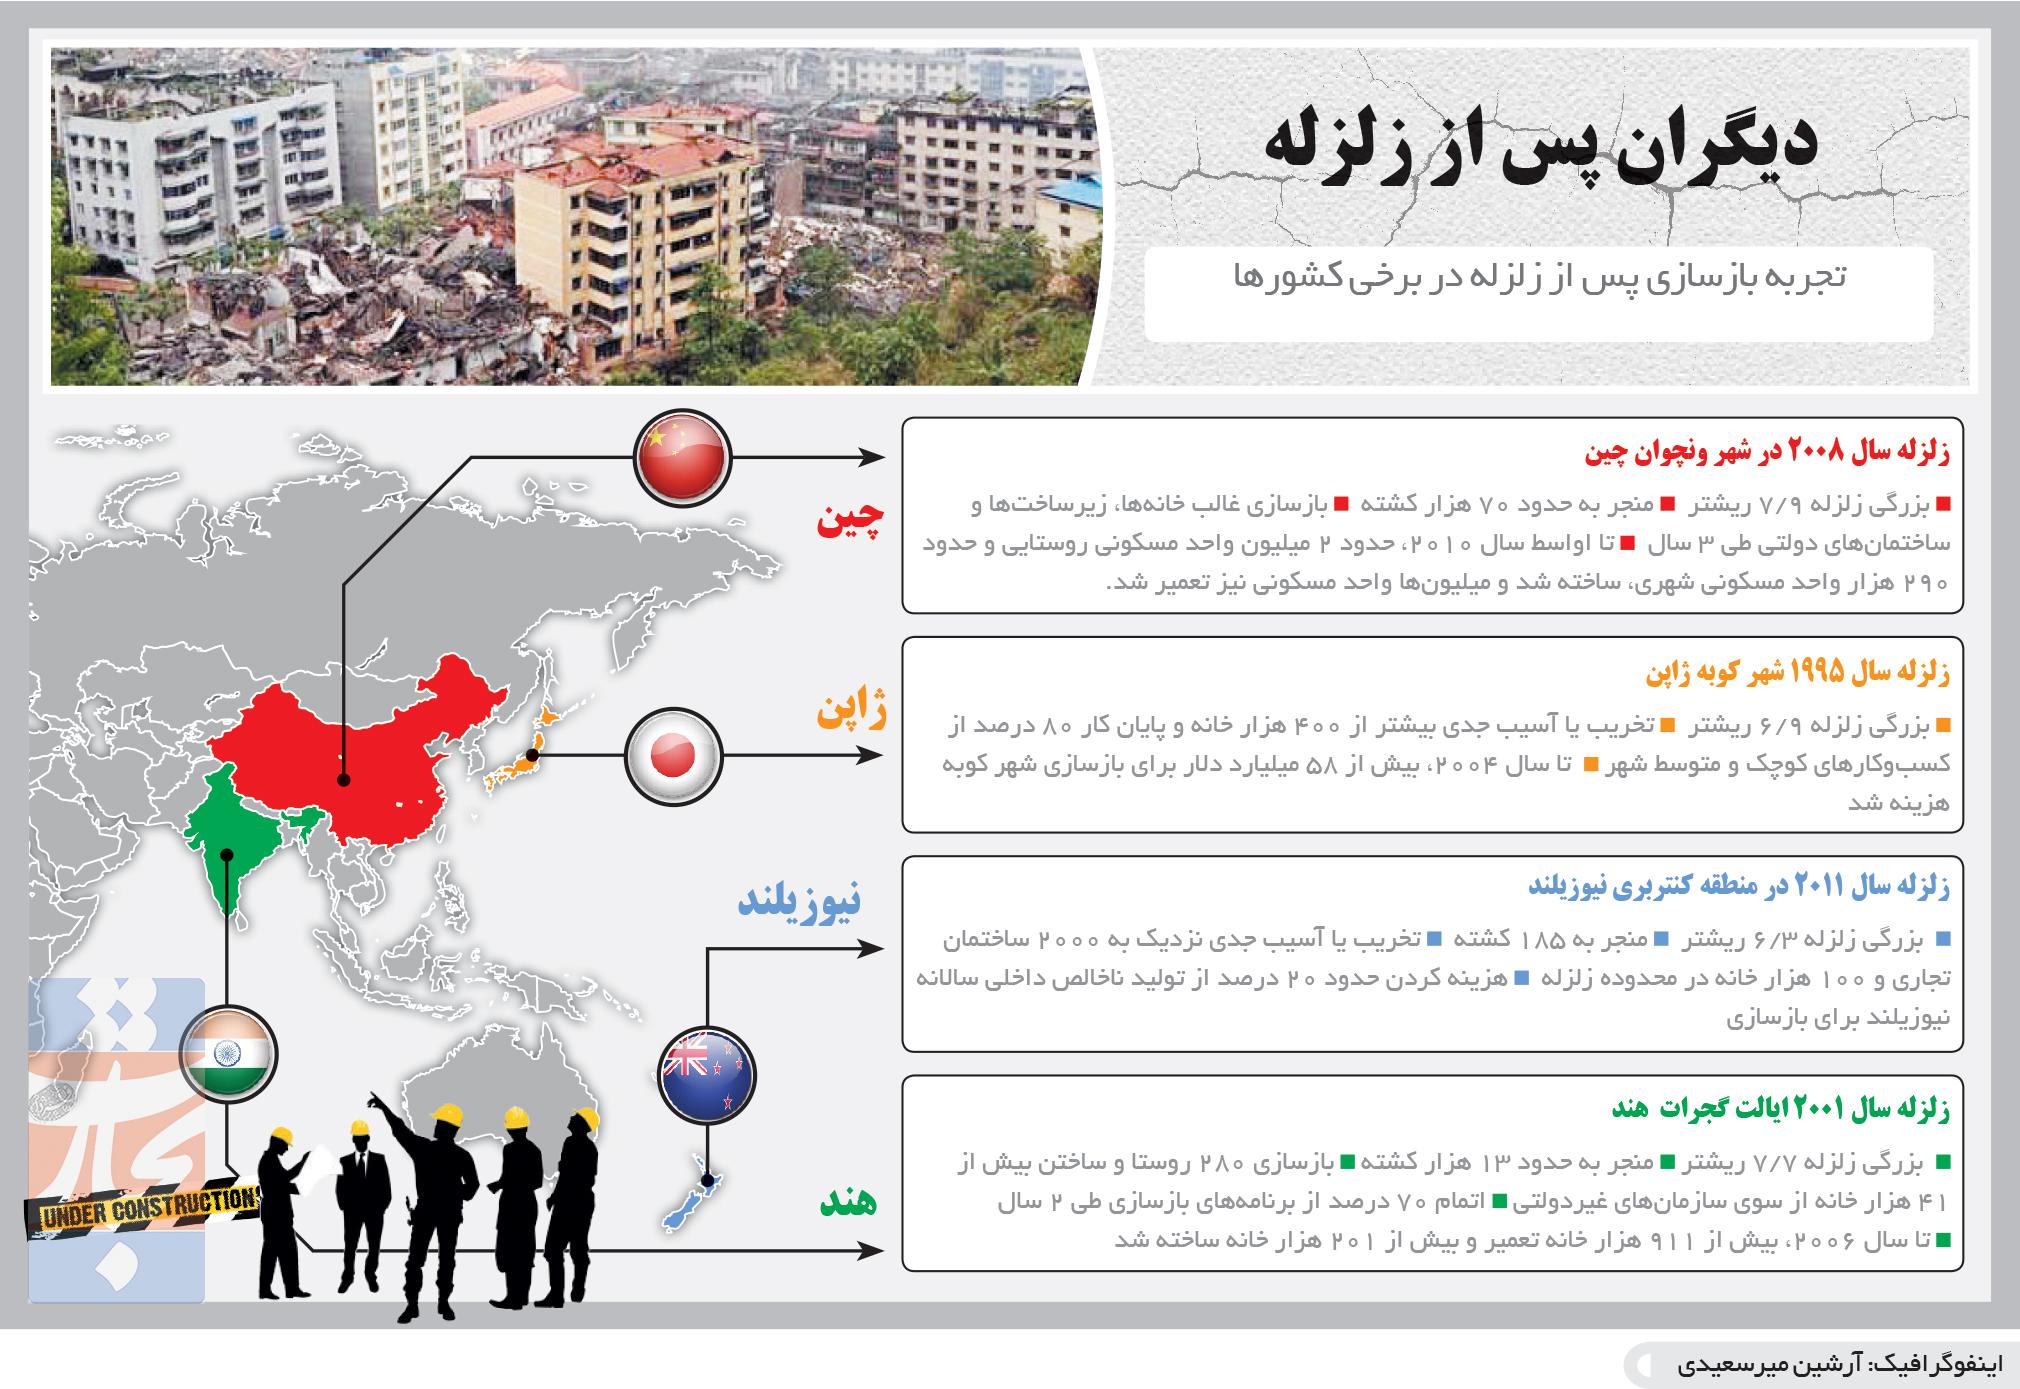 تجارت فردا- اینفوگرافیک- دیگران پس از زلزله